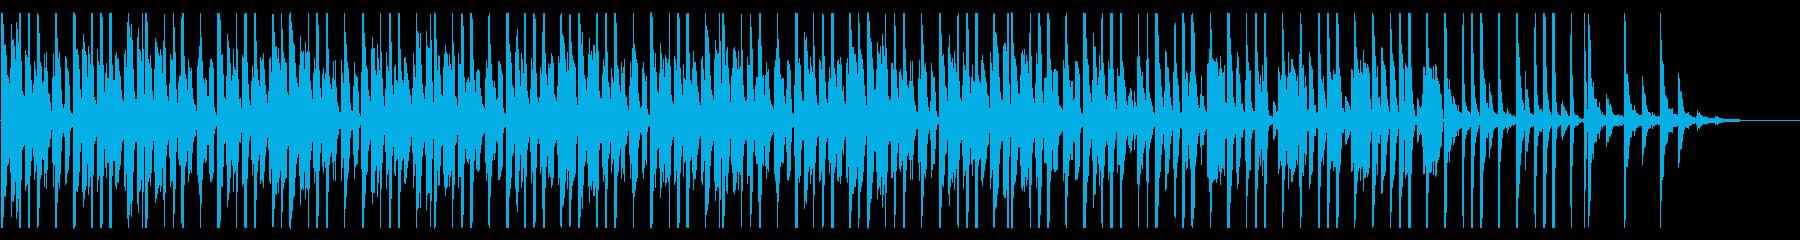 コミカルなファンク_No691_5の再生済みの波形